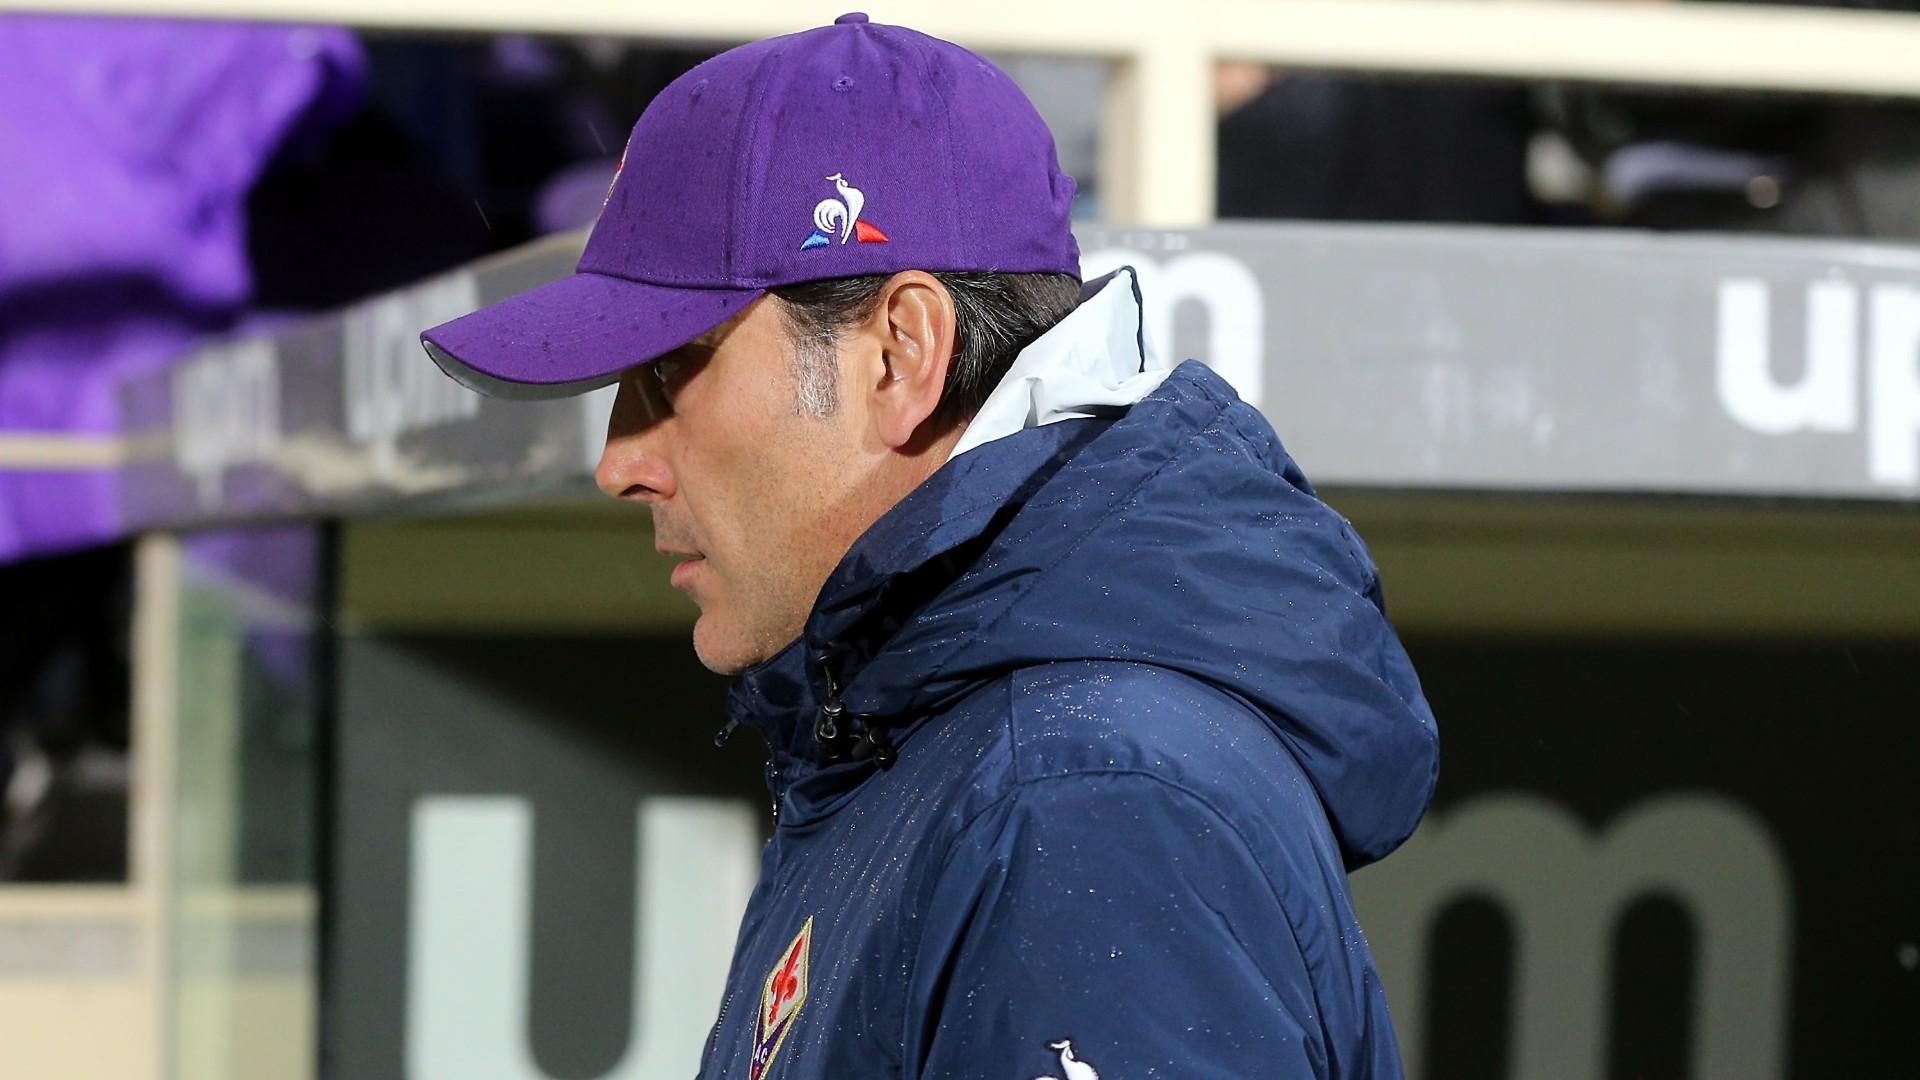 UFFICIALE: la Fiorentina esonera Montella